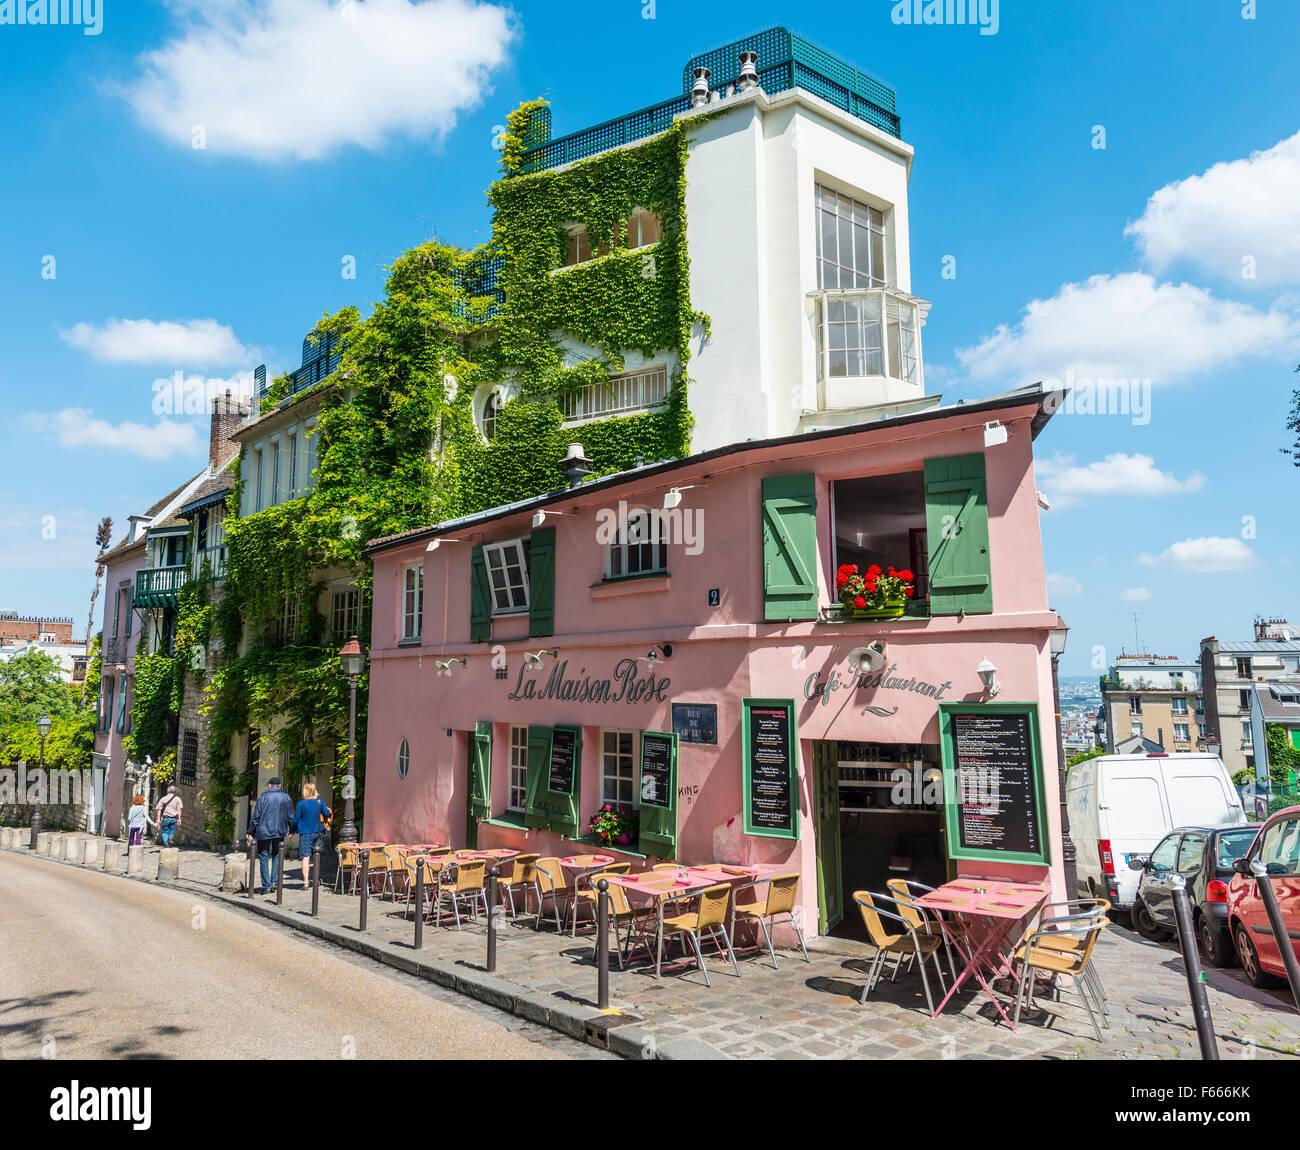 Restaurant La Maison Rose, Montmartre, Paris, Ile-de-France, France - Stock Image